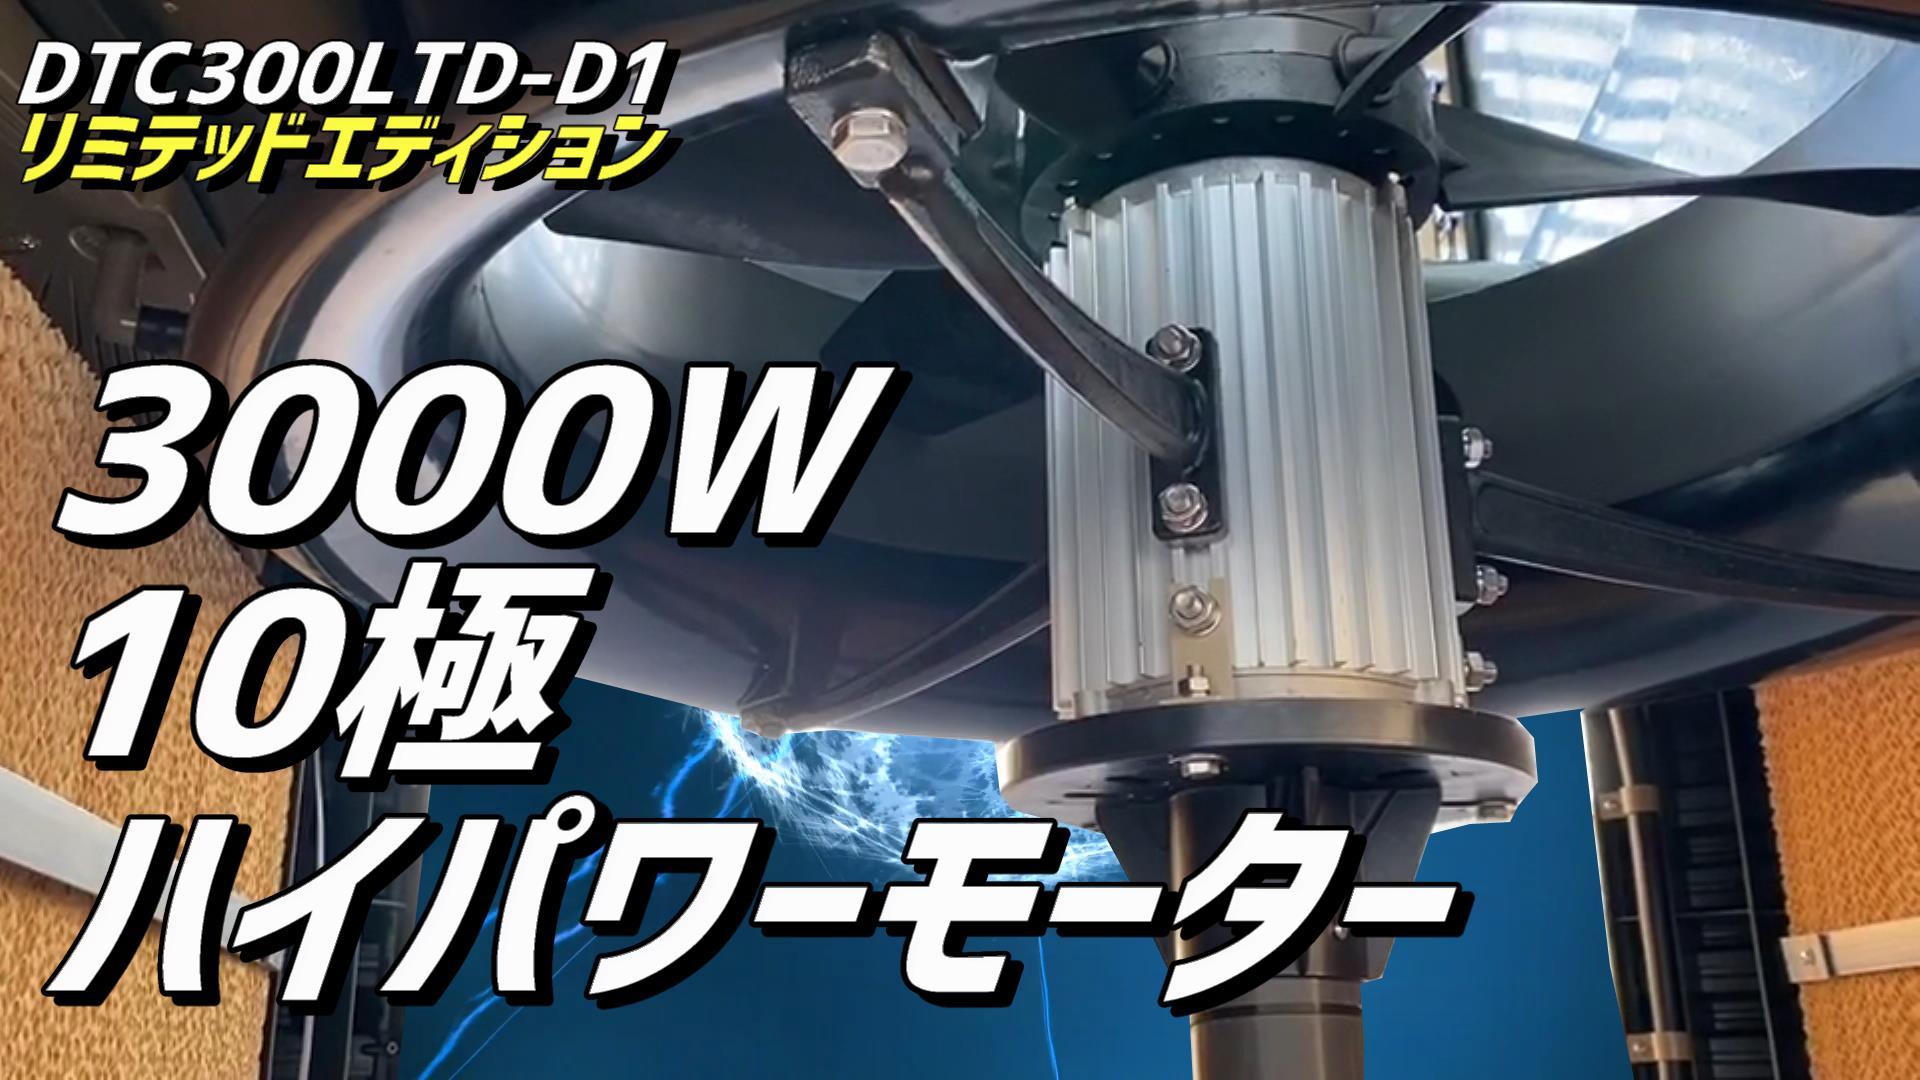 ダクトクーラー300LTD10極ハイパワーモーター